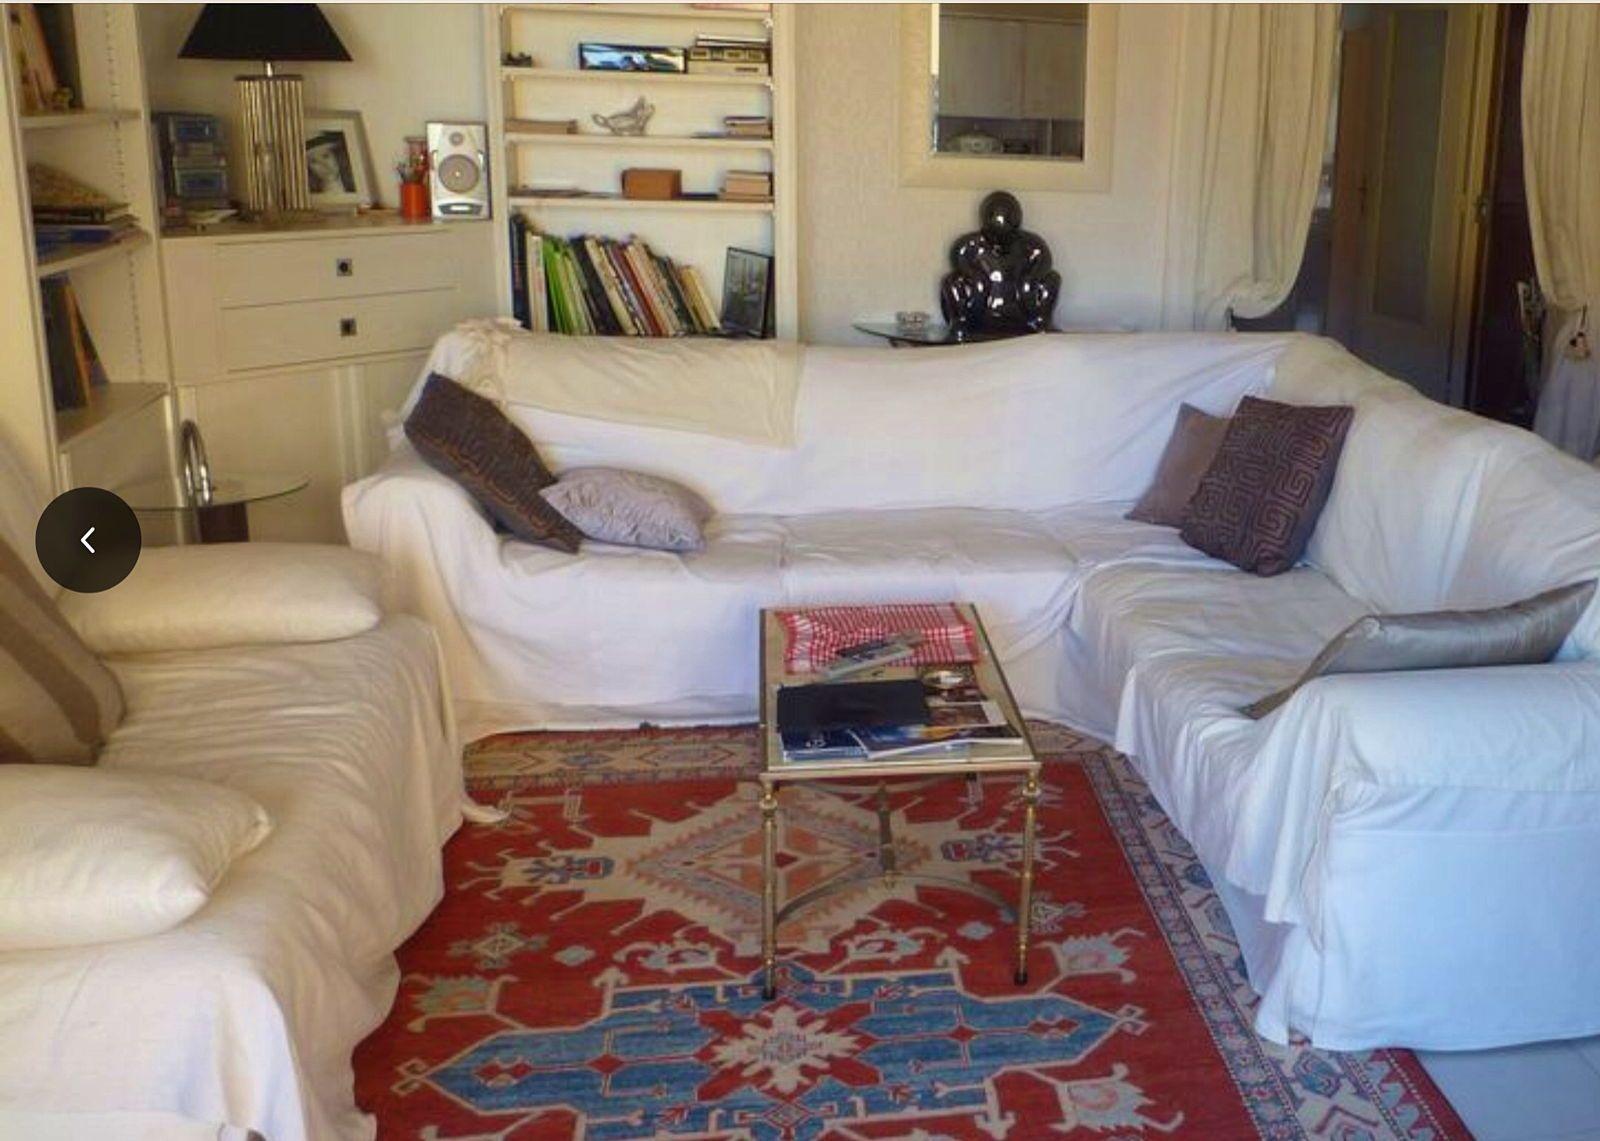 Loue appartement Ajaccio (20) dans immeuble standing quartier résidentiel - 2chambres 4couchages